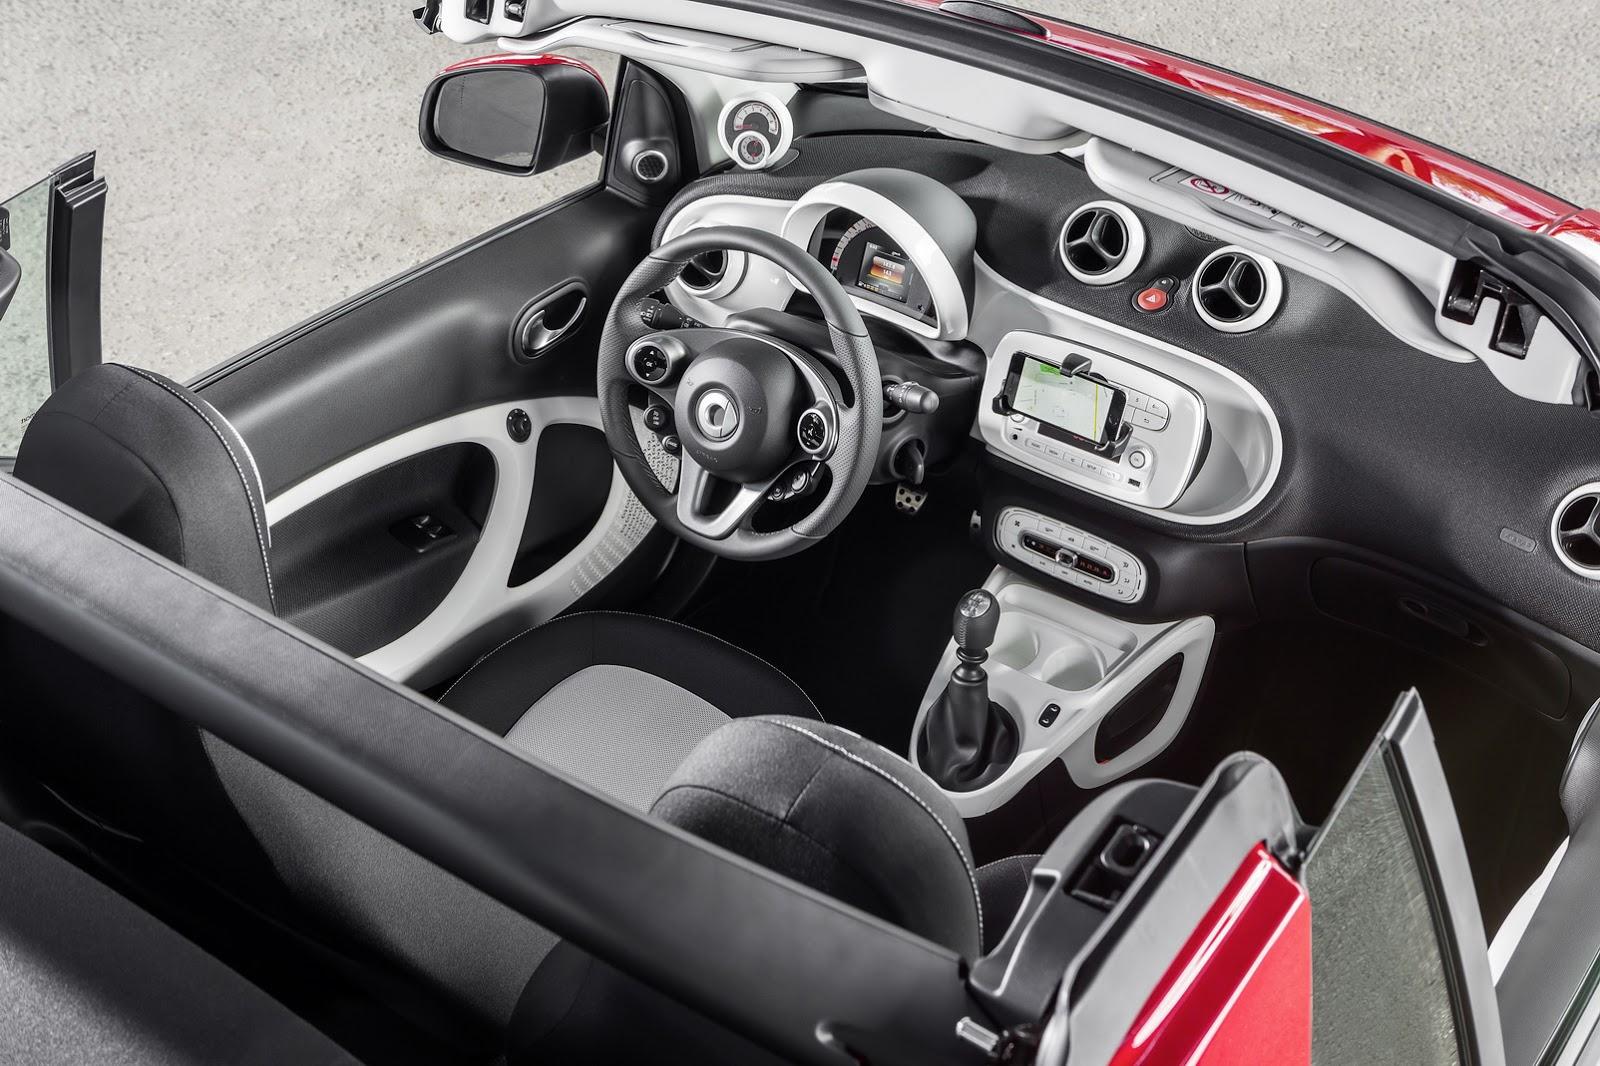 Lần đầu tiên trình làng trong triển lãm Frankfurt 2015, Smart ForTwo Cabriolet được trang bị động cơ 3 xy-lanh, dung tích 1.0 lít với công suất tối đa 70 mã lực.